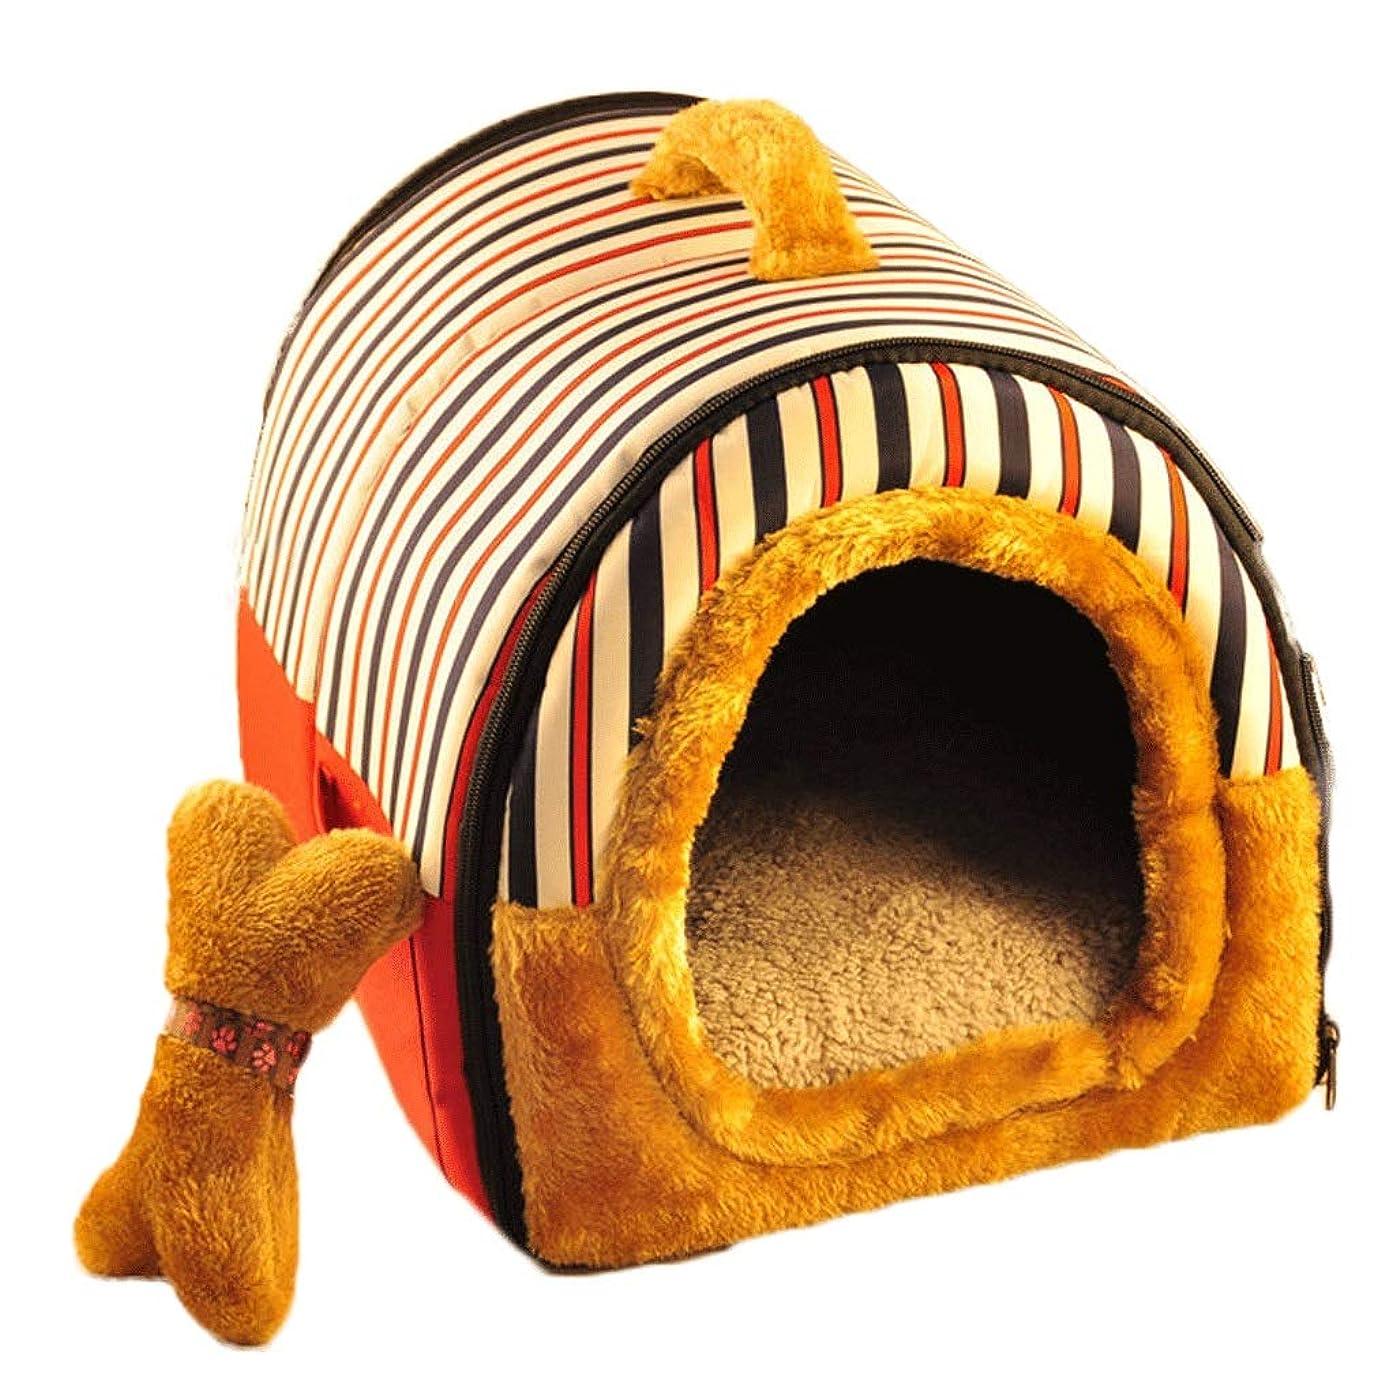 民主主義上向き口頭Zcx Arc House 二重使用 取り外し可能 洗濯可能 ペットネスト テディベア 犬 ベッド 四季 ユニバーサル